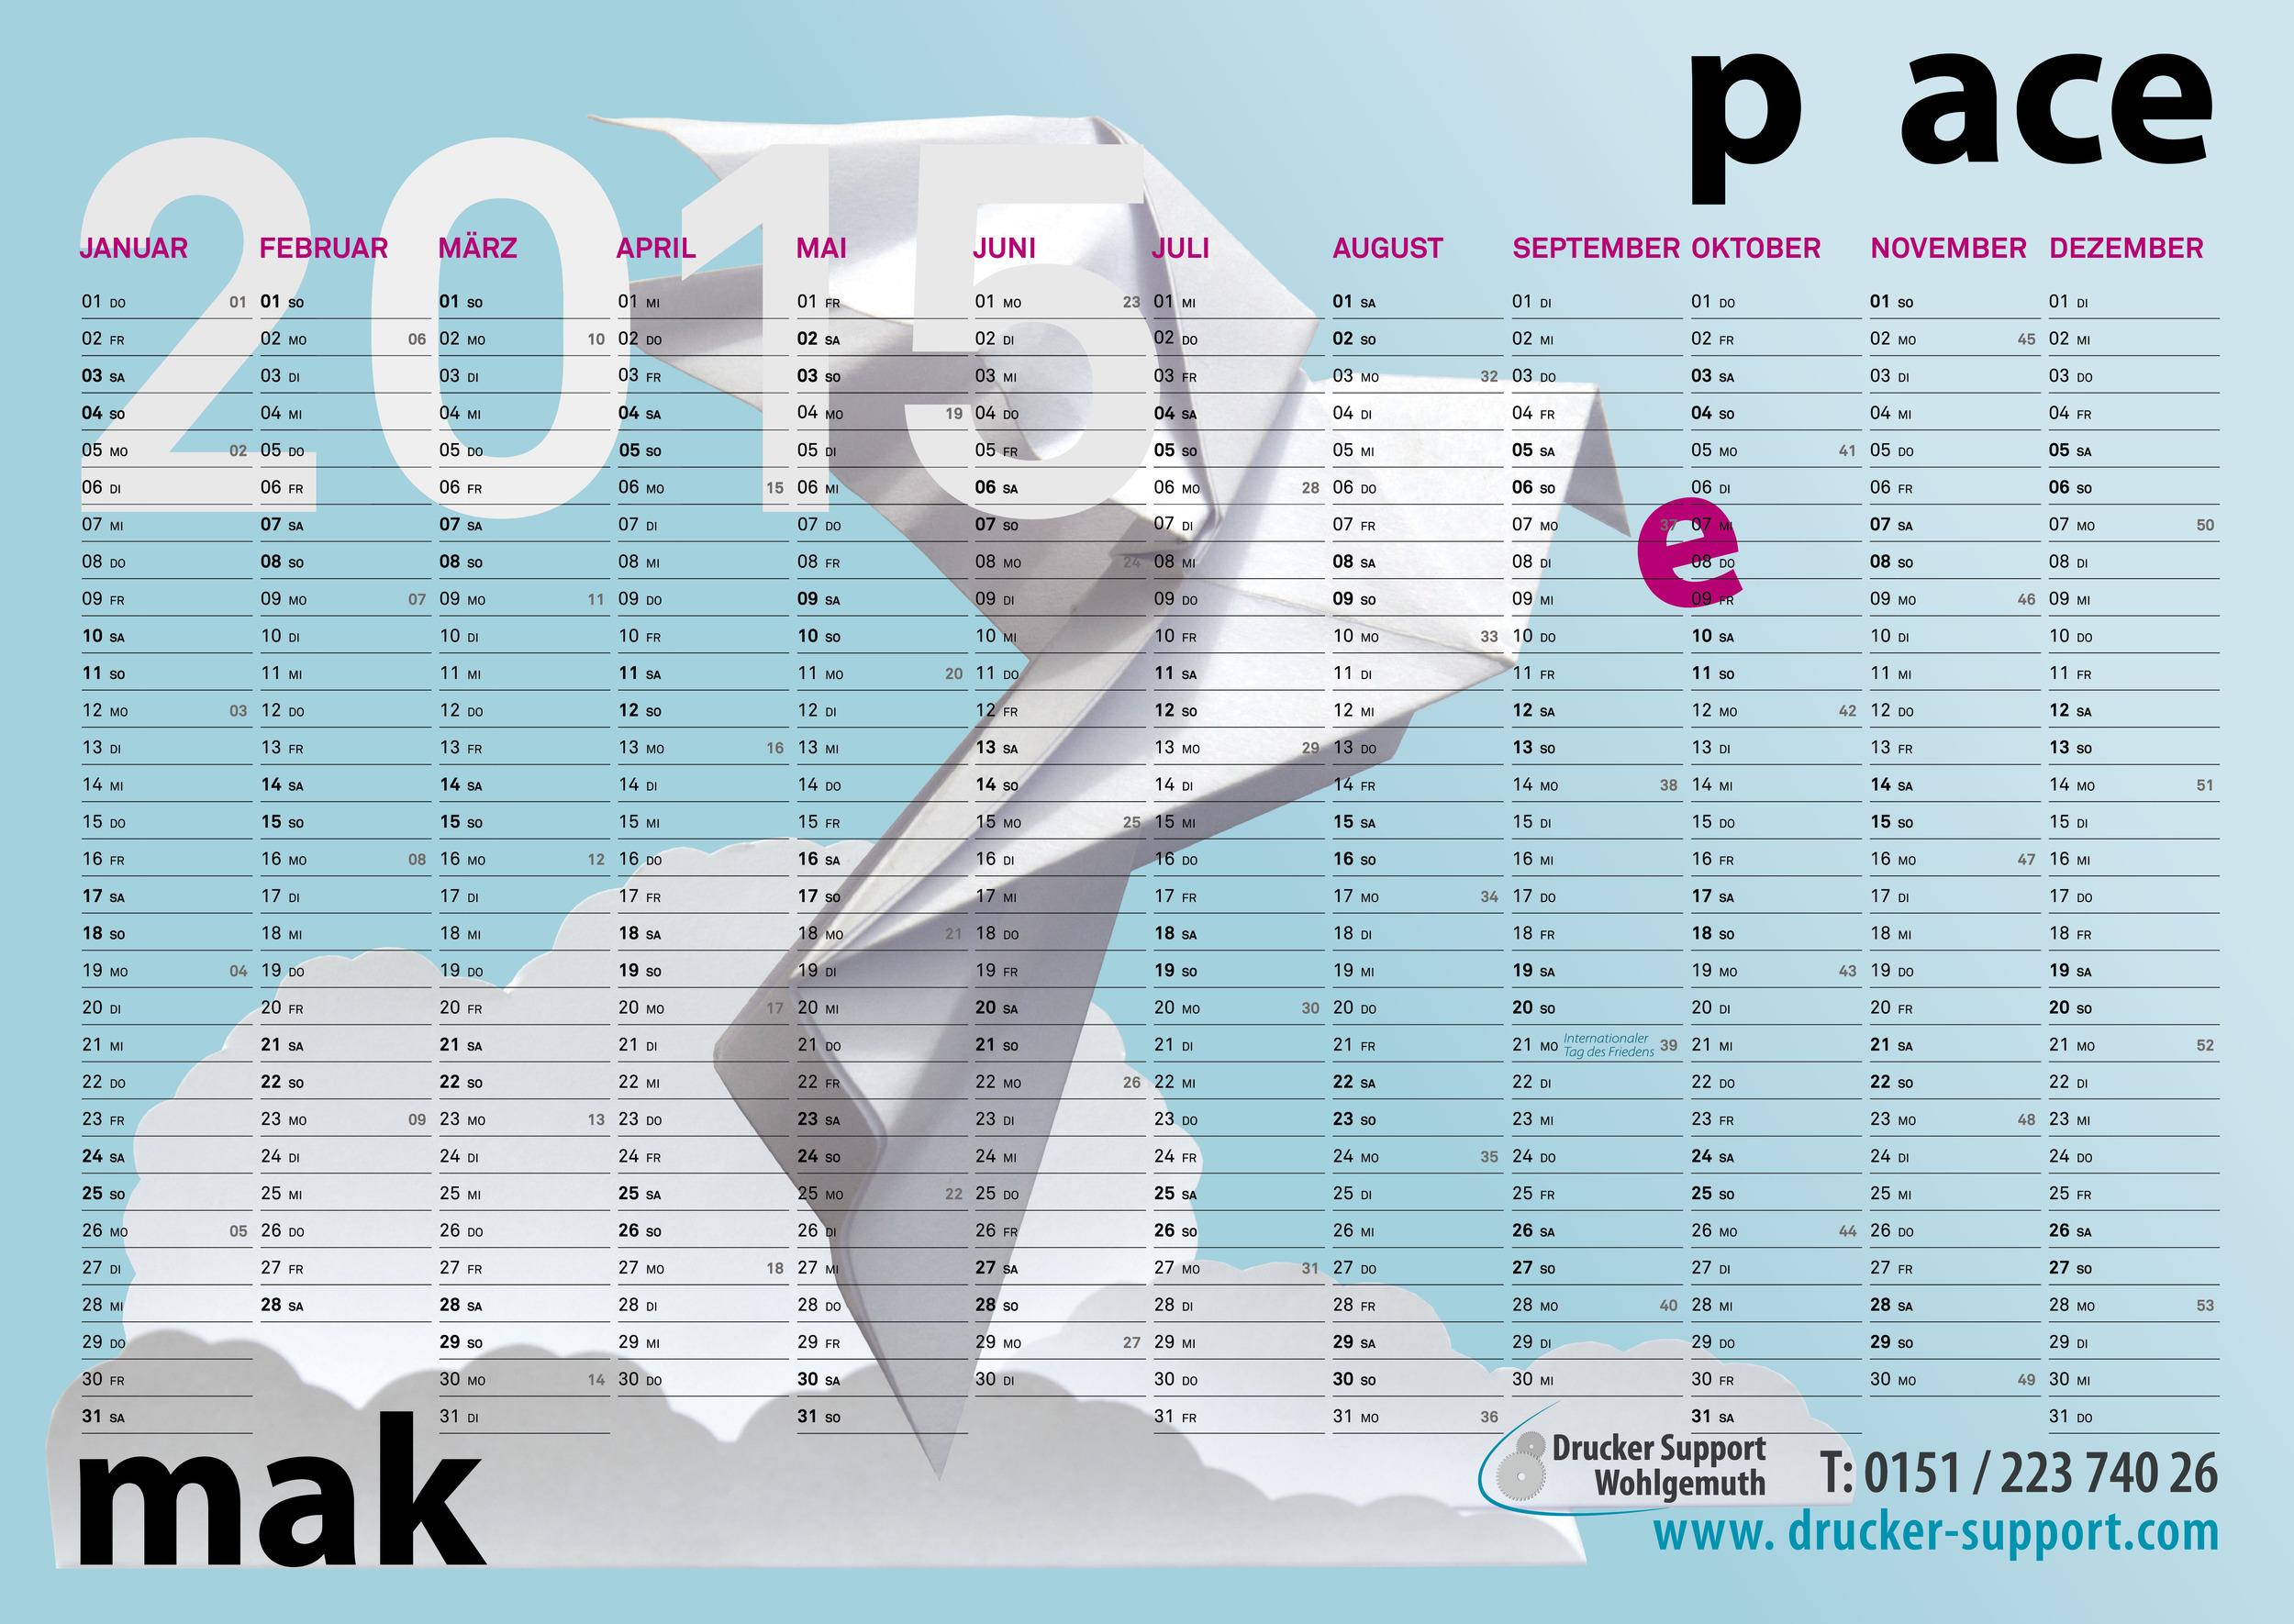 Drucker Support Kalender2015.jpg